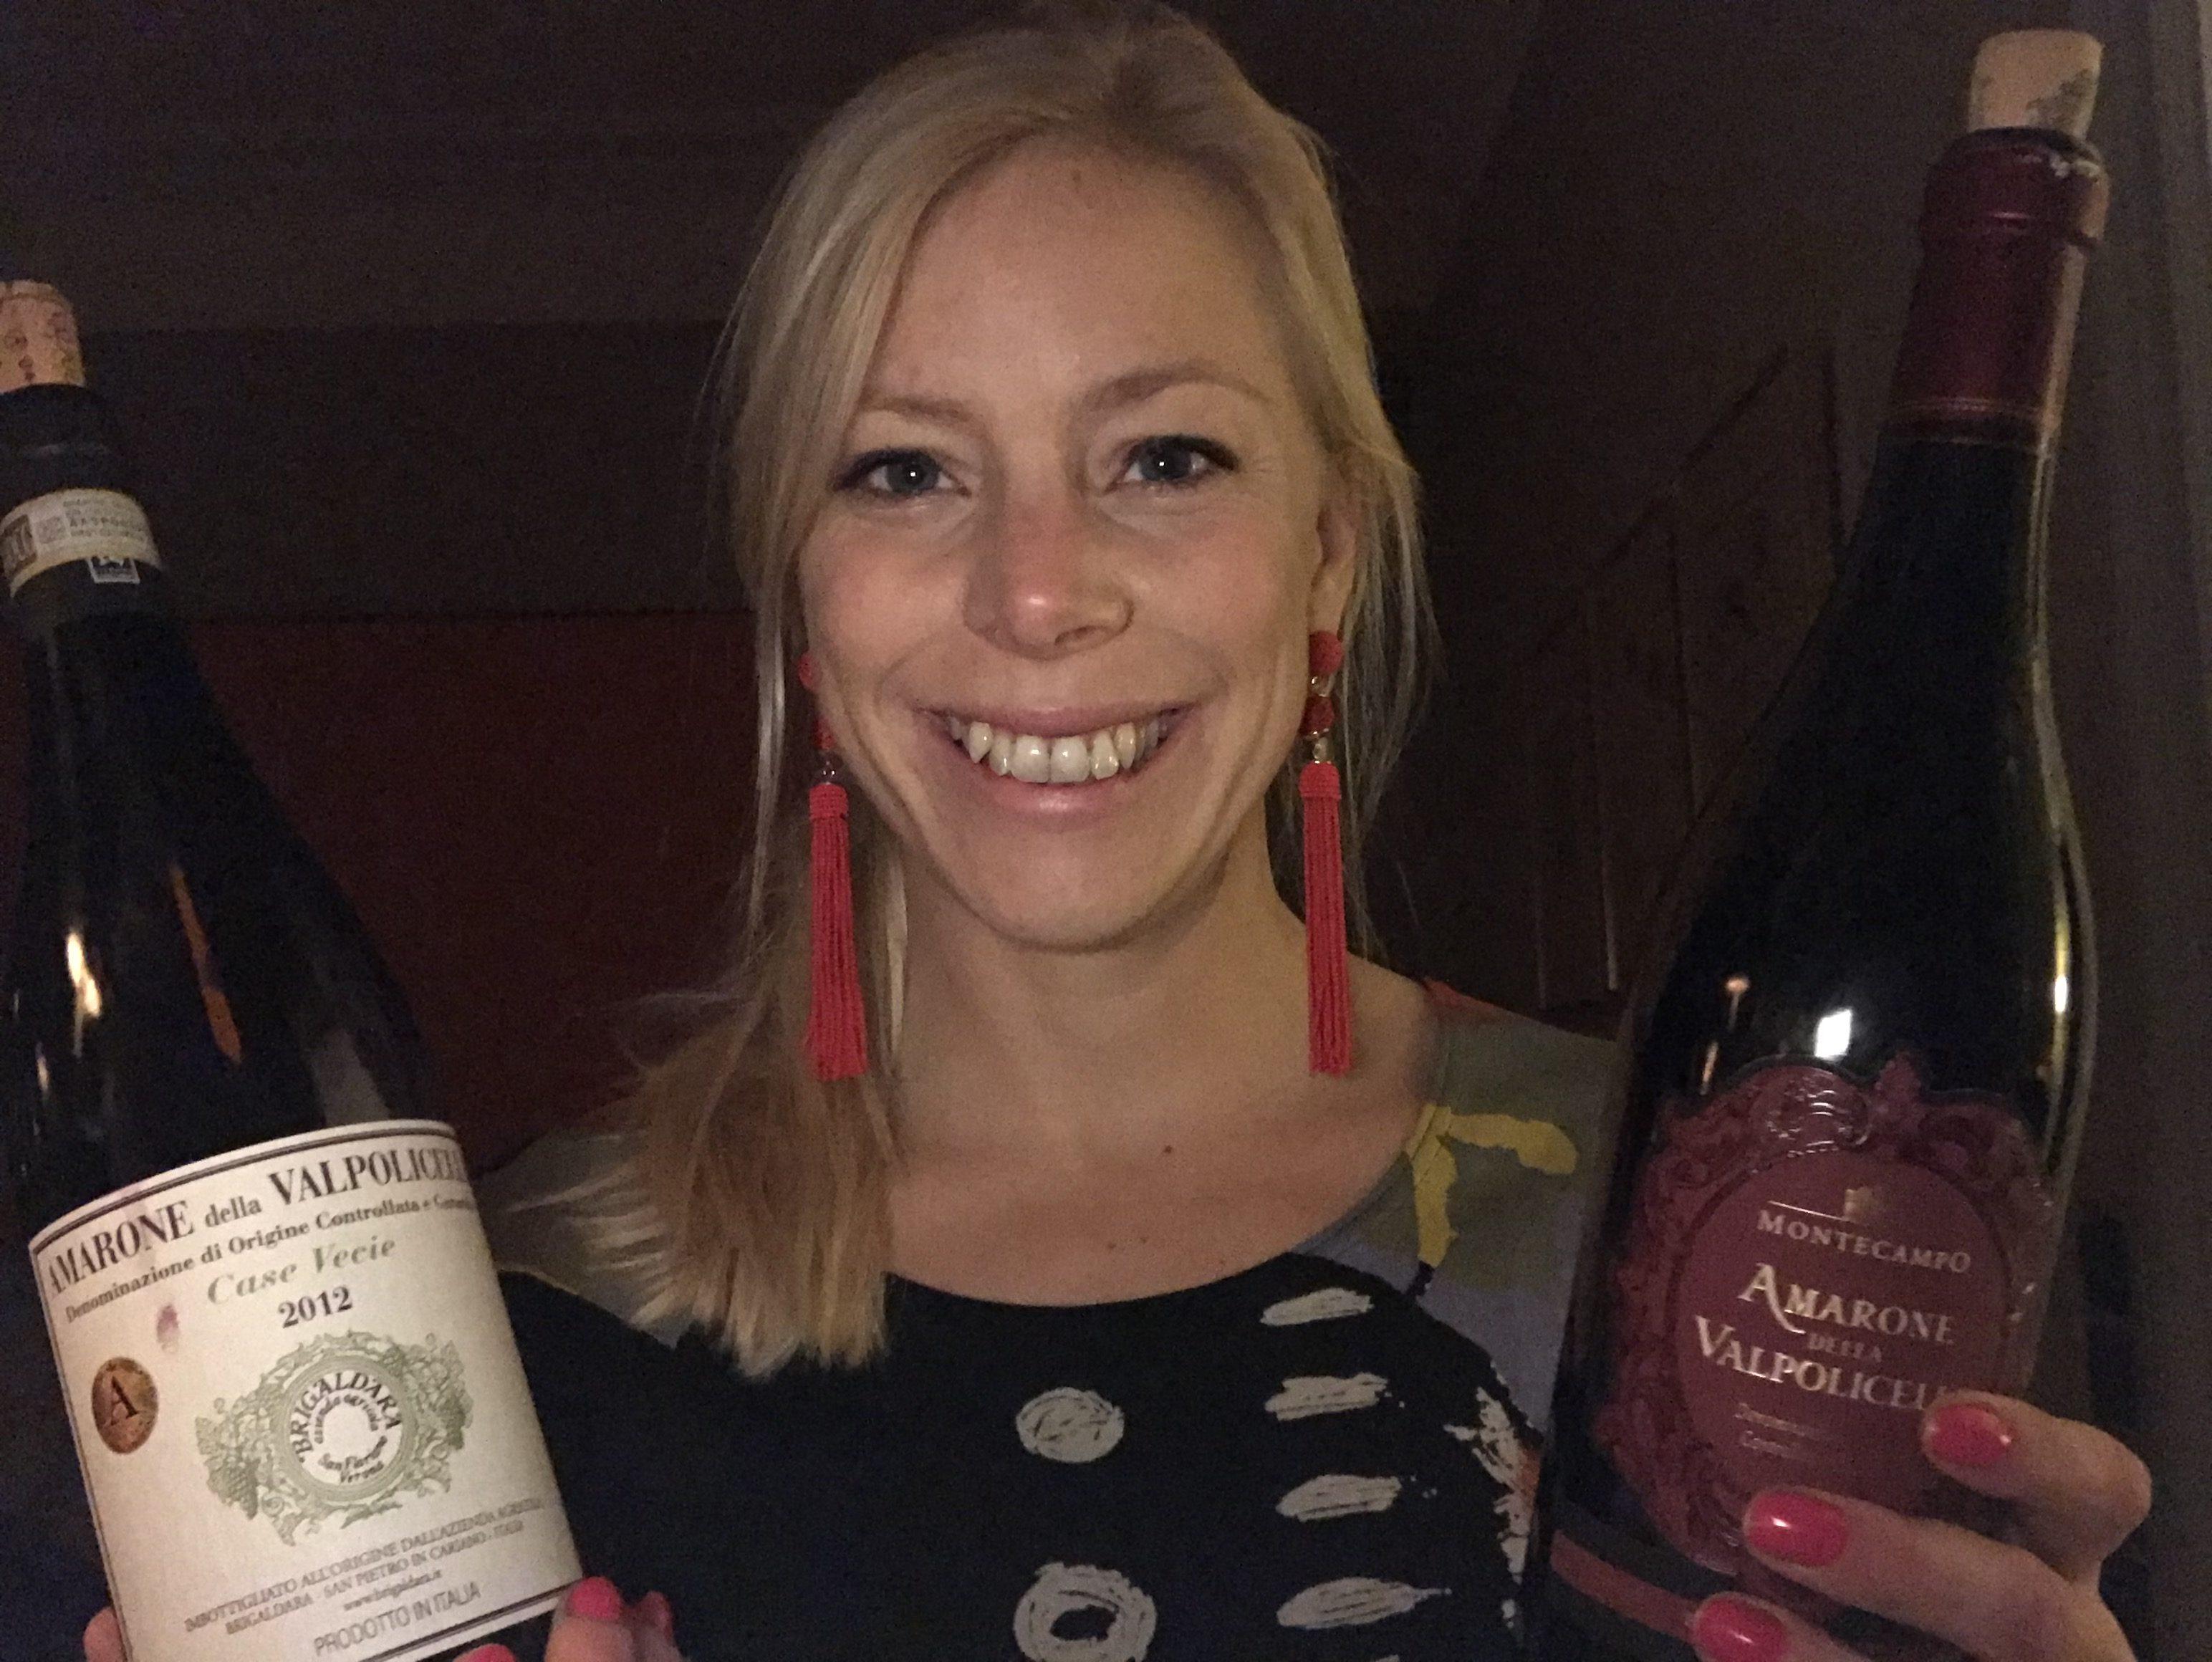 Amarone de la Valopolicella med vinsider